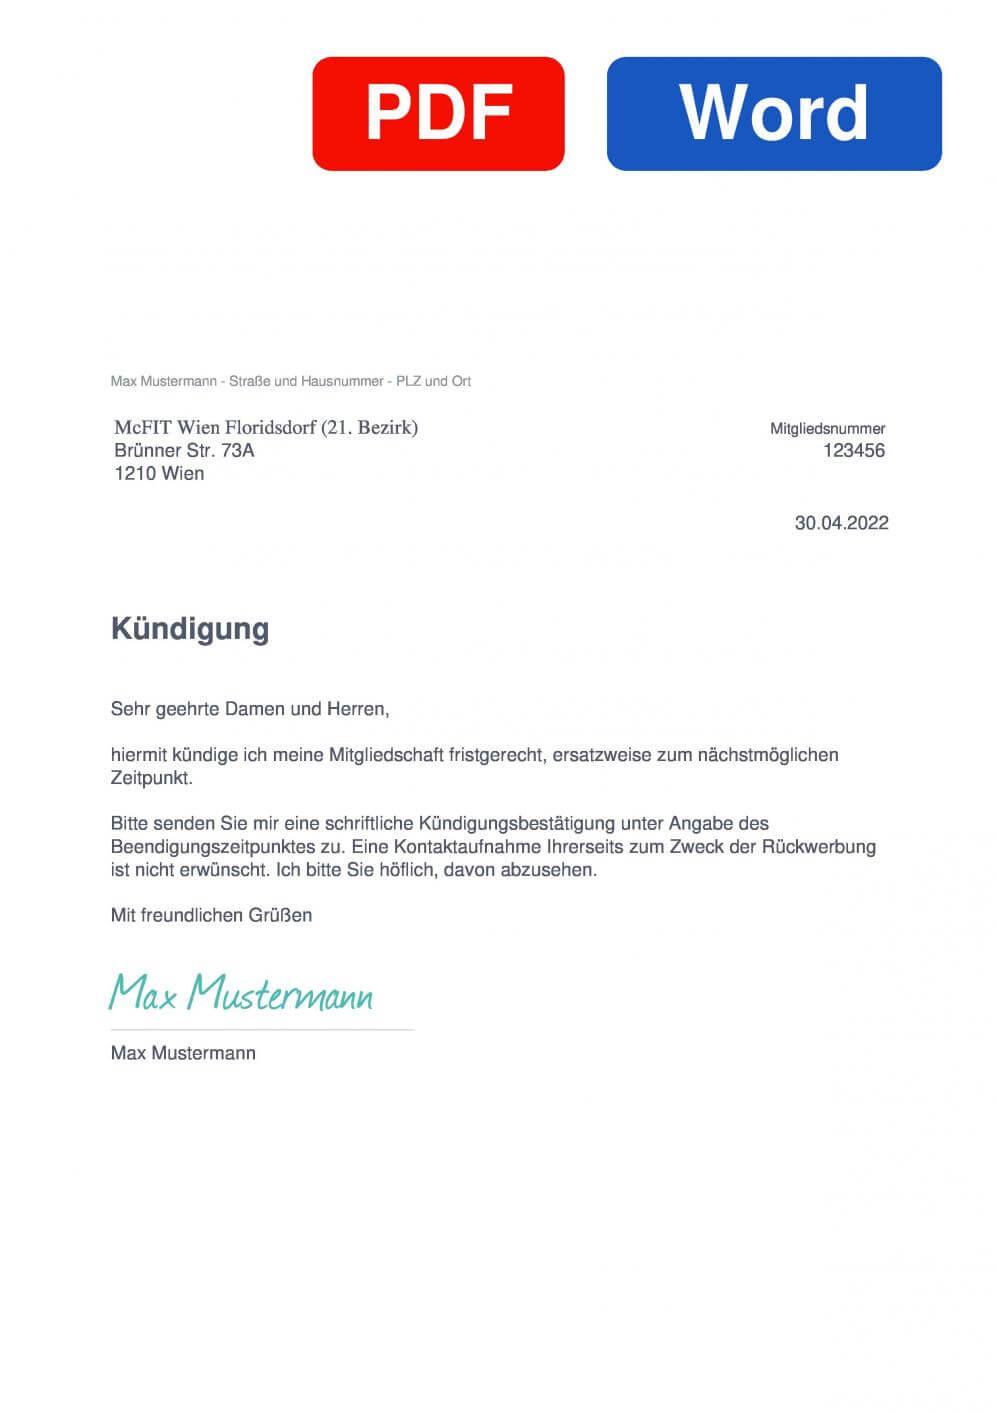 McFIT Wien Floridsdorf Muster Vorlage für Kündigungsschreiben